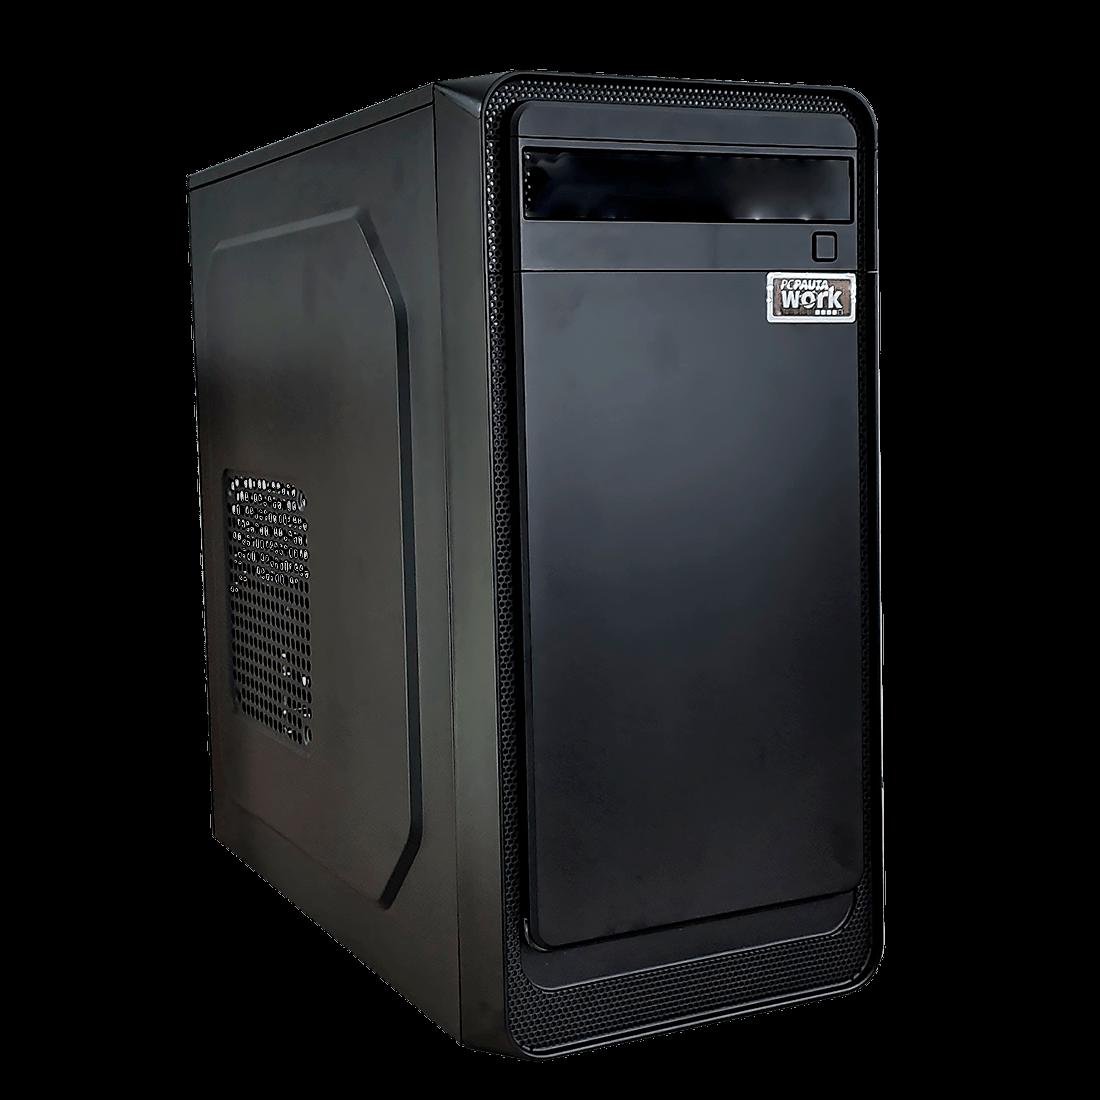 Computador Business Pauta AMD Ryzen 5 2400G, 4GB DDR4, 240GB SSD, Free-DOS - 40393